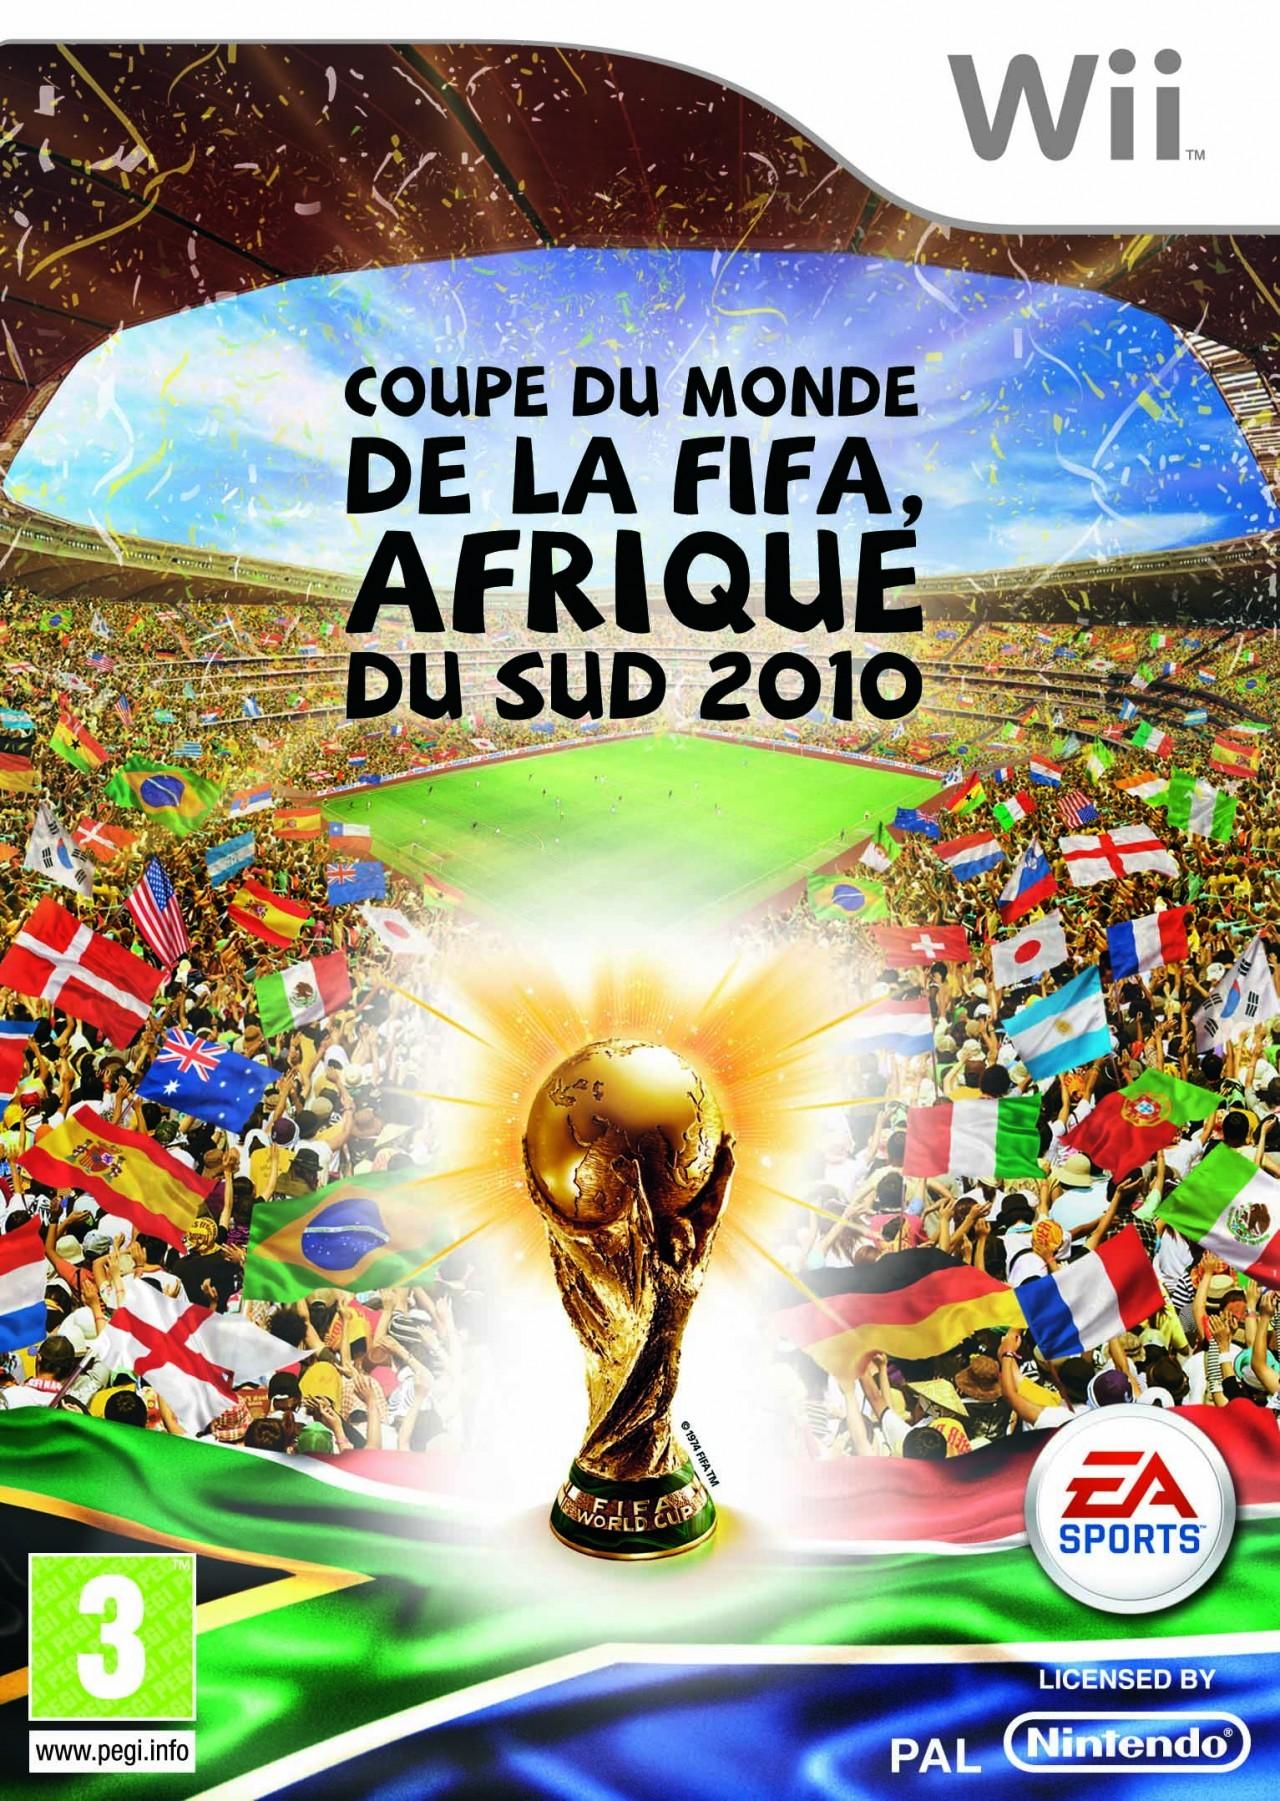 Fifa afrique du sud 2010 video tutorial - Resultat coupe du monde 2010 ...